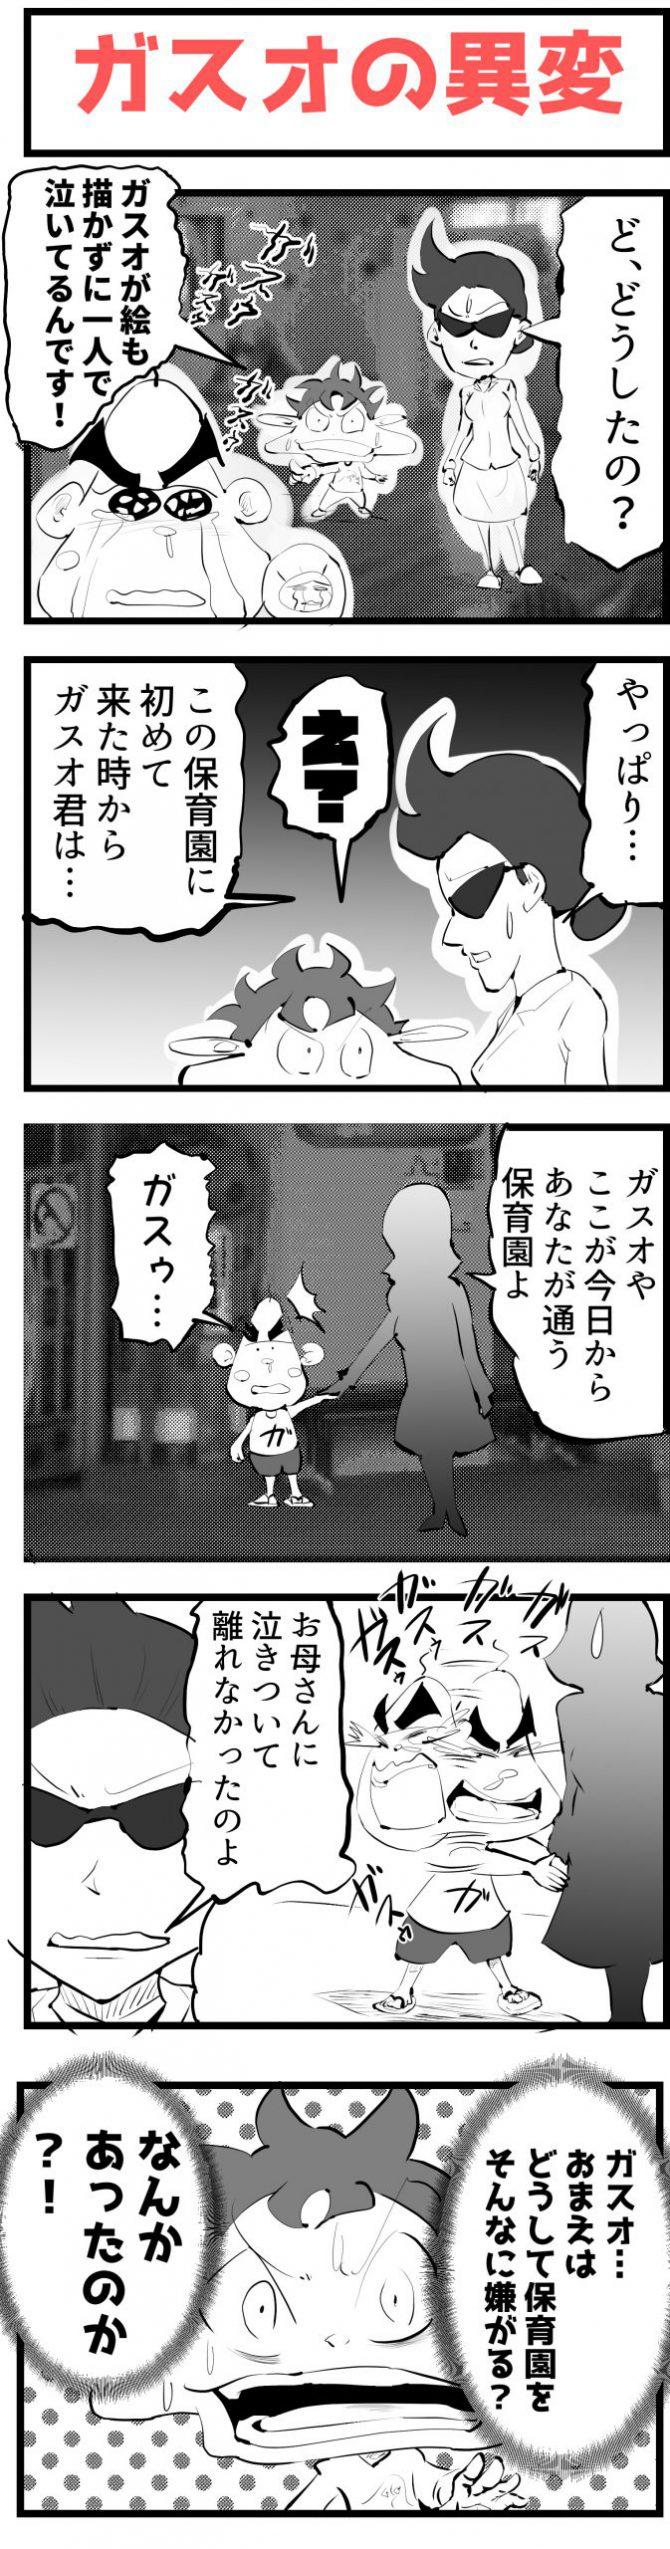 5コマ漫画,ガスオの異変